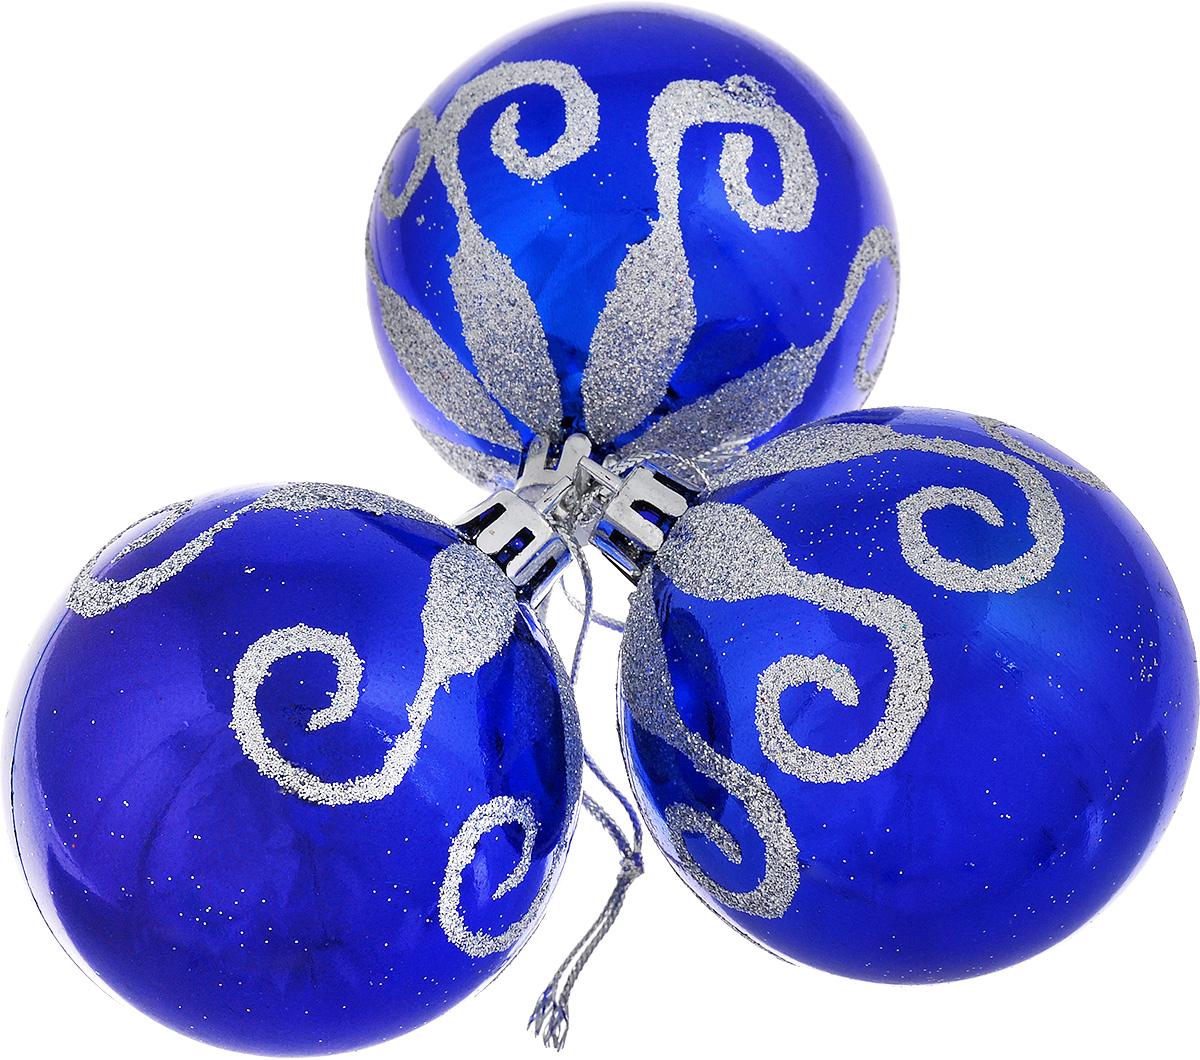 Набор новогодних подвесных украшений EuroHouse, цвет: синий, серебристый, диаметр 6 см, 3 штЕХ9103_синийНабор новогодних подвесных украшений EuroHouse прекрасно подойдет для праздничного декора новогодней ели. Набор состоит из 3 пластиковых украшений в виде глянцевых шаров, оформленных блестками. Для удобного размещения на елке для каждого изделия предусмотрена текстильная петелька. Елочная игрушка - символ Нового года. Она несет в себе волшебство и красоту праздника. Создайте в своем доме атмосферу веселья и радости, украшая новогоднюю елку нарядными игрушками, которые будут из года в год накапливать теплоту воспоминаний.